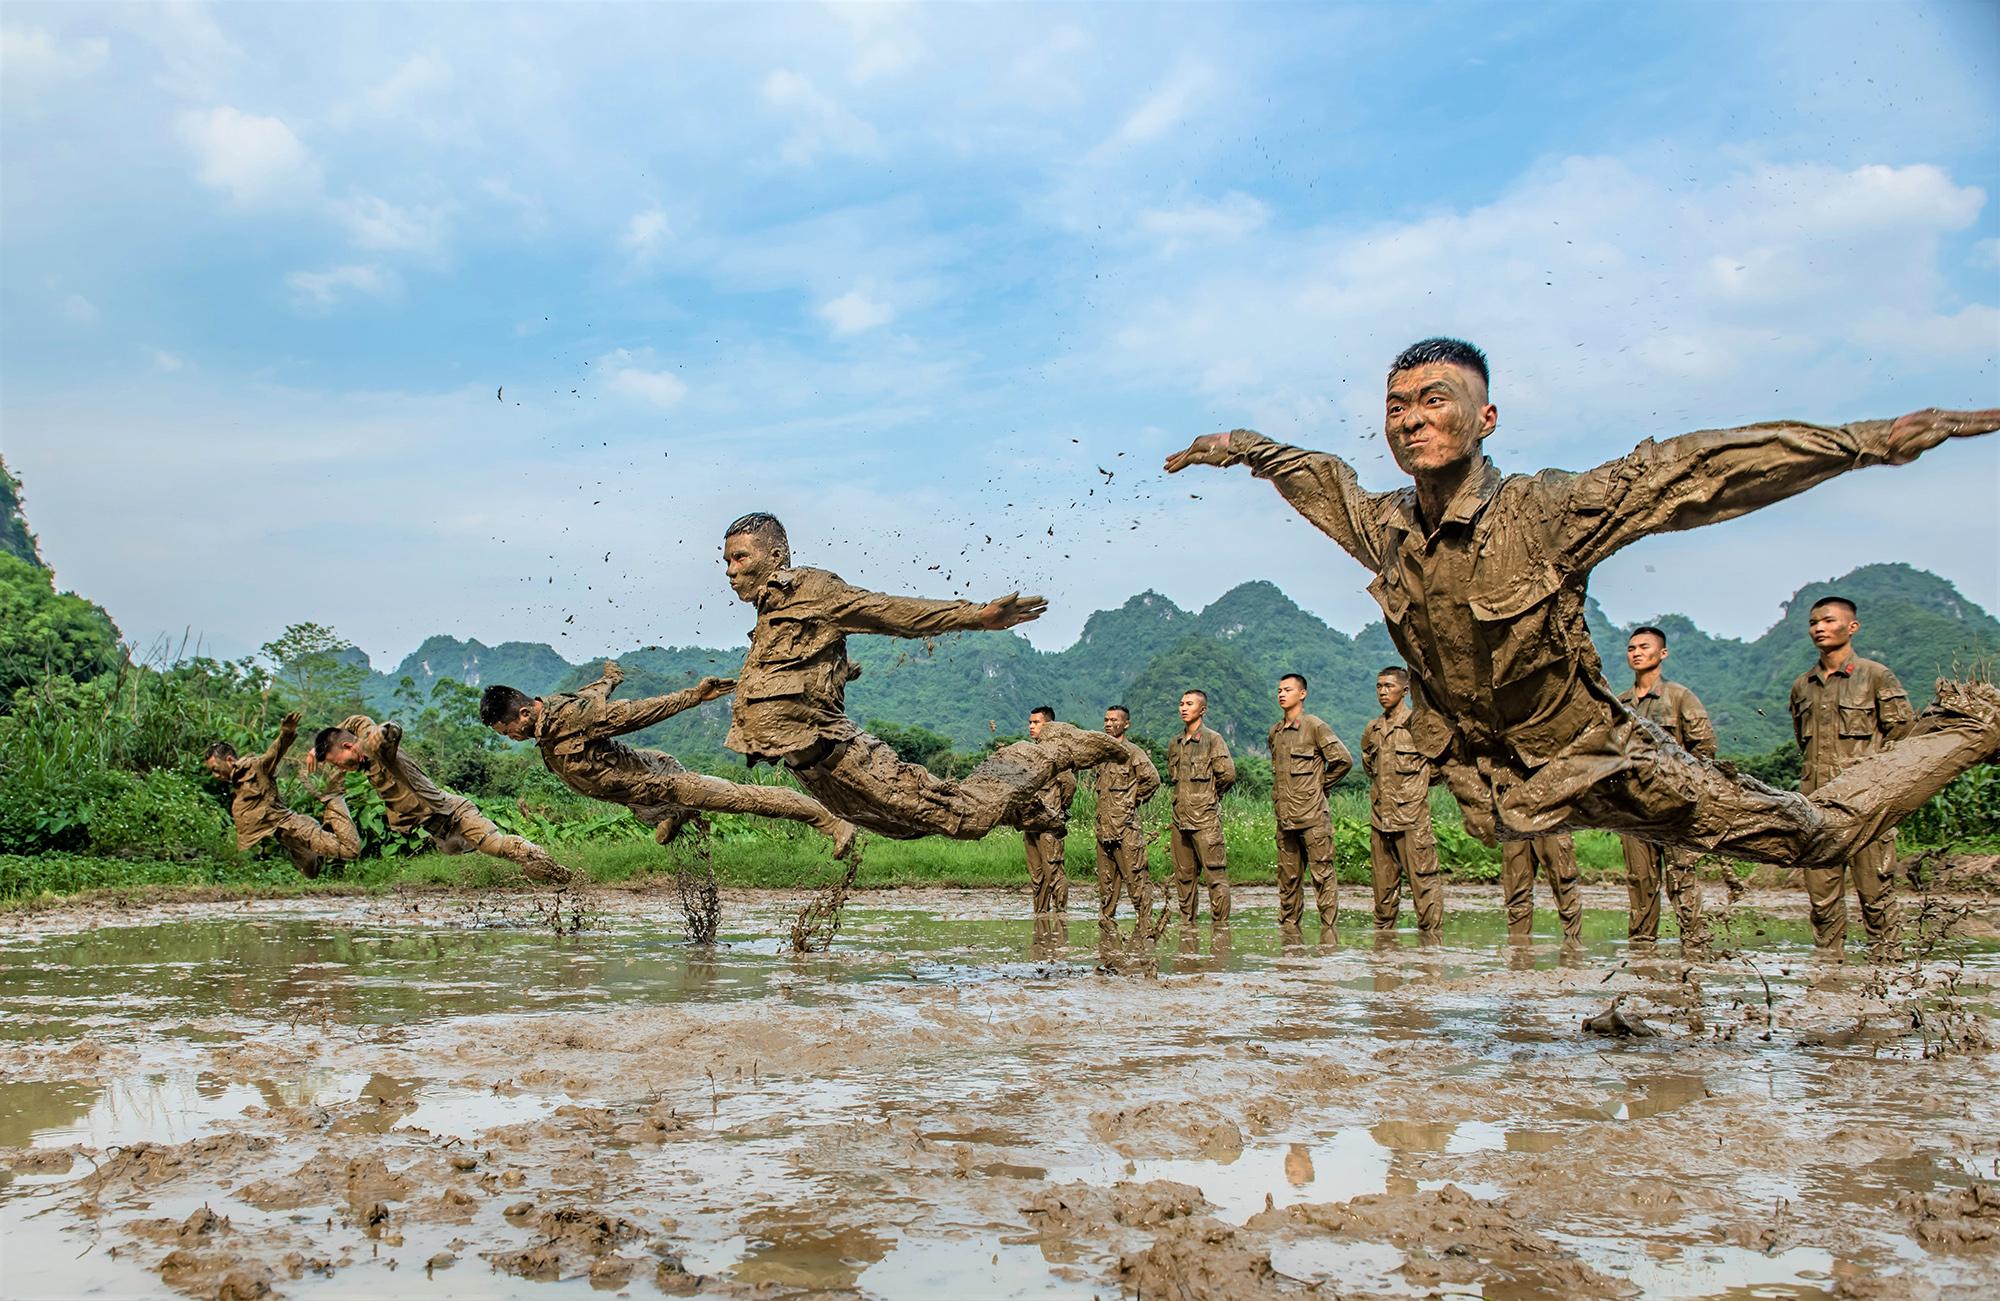 Офицеры исолдаты проводят тренировки вэкстремальных условиях, Чунцзо, Китай, 6 мая.